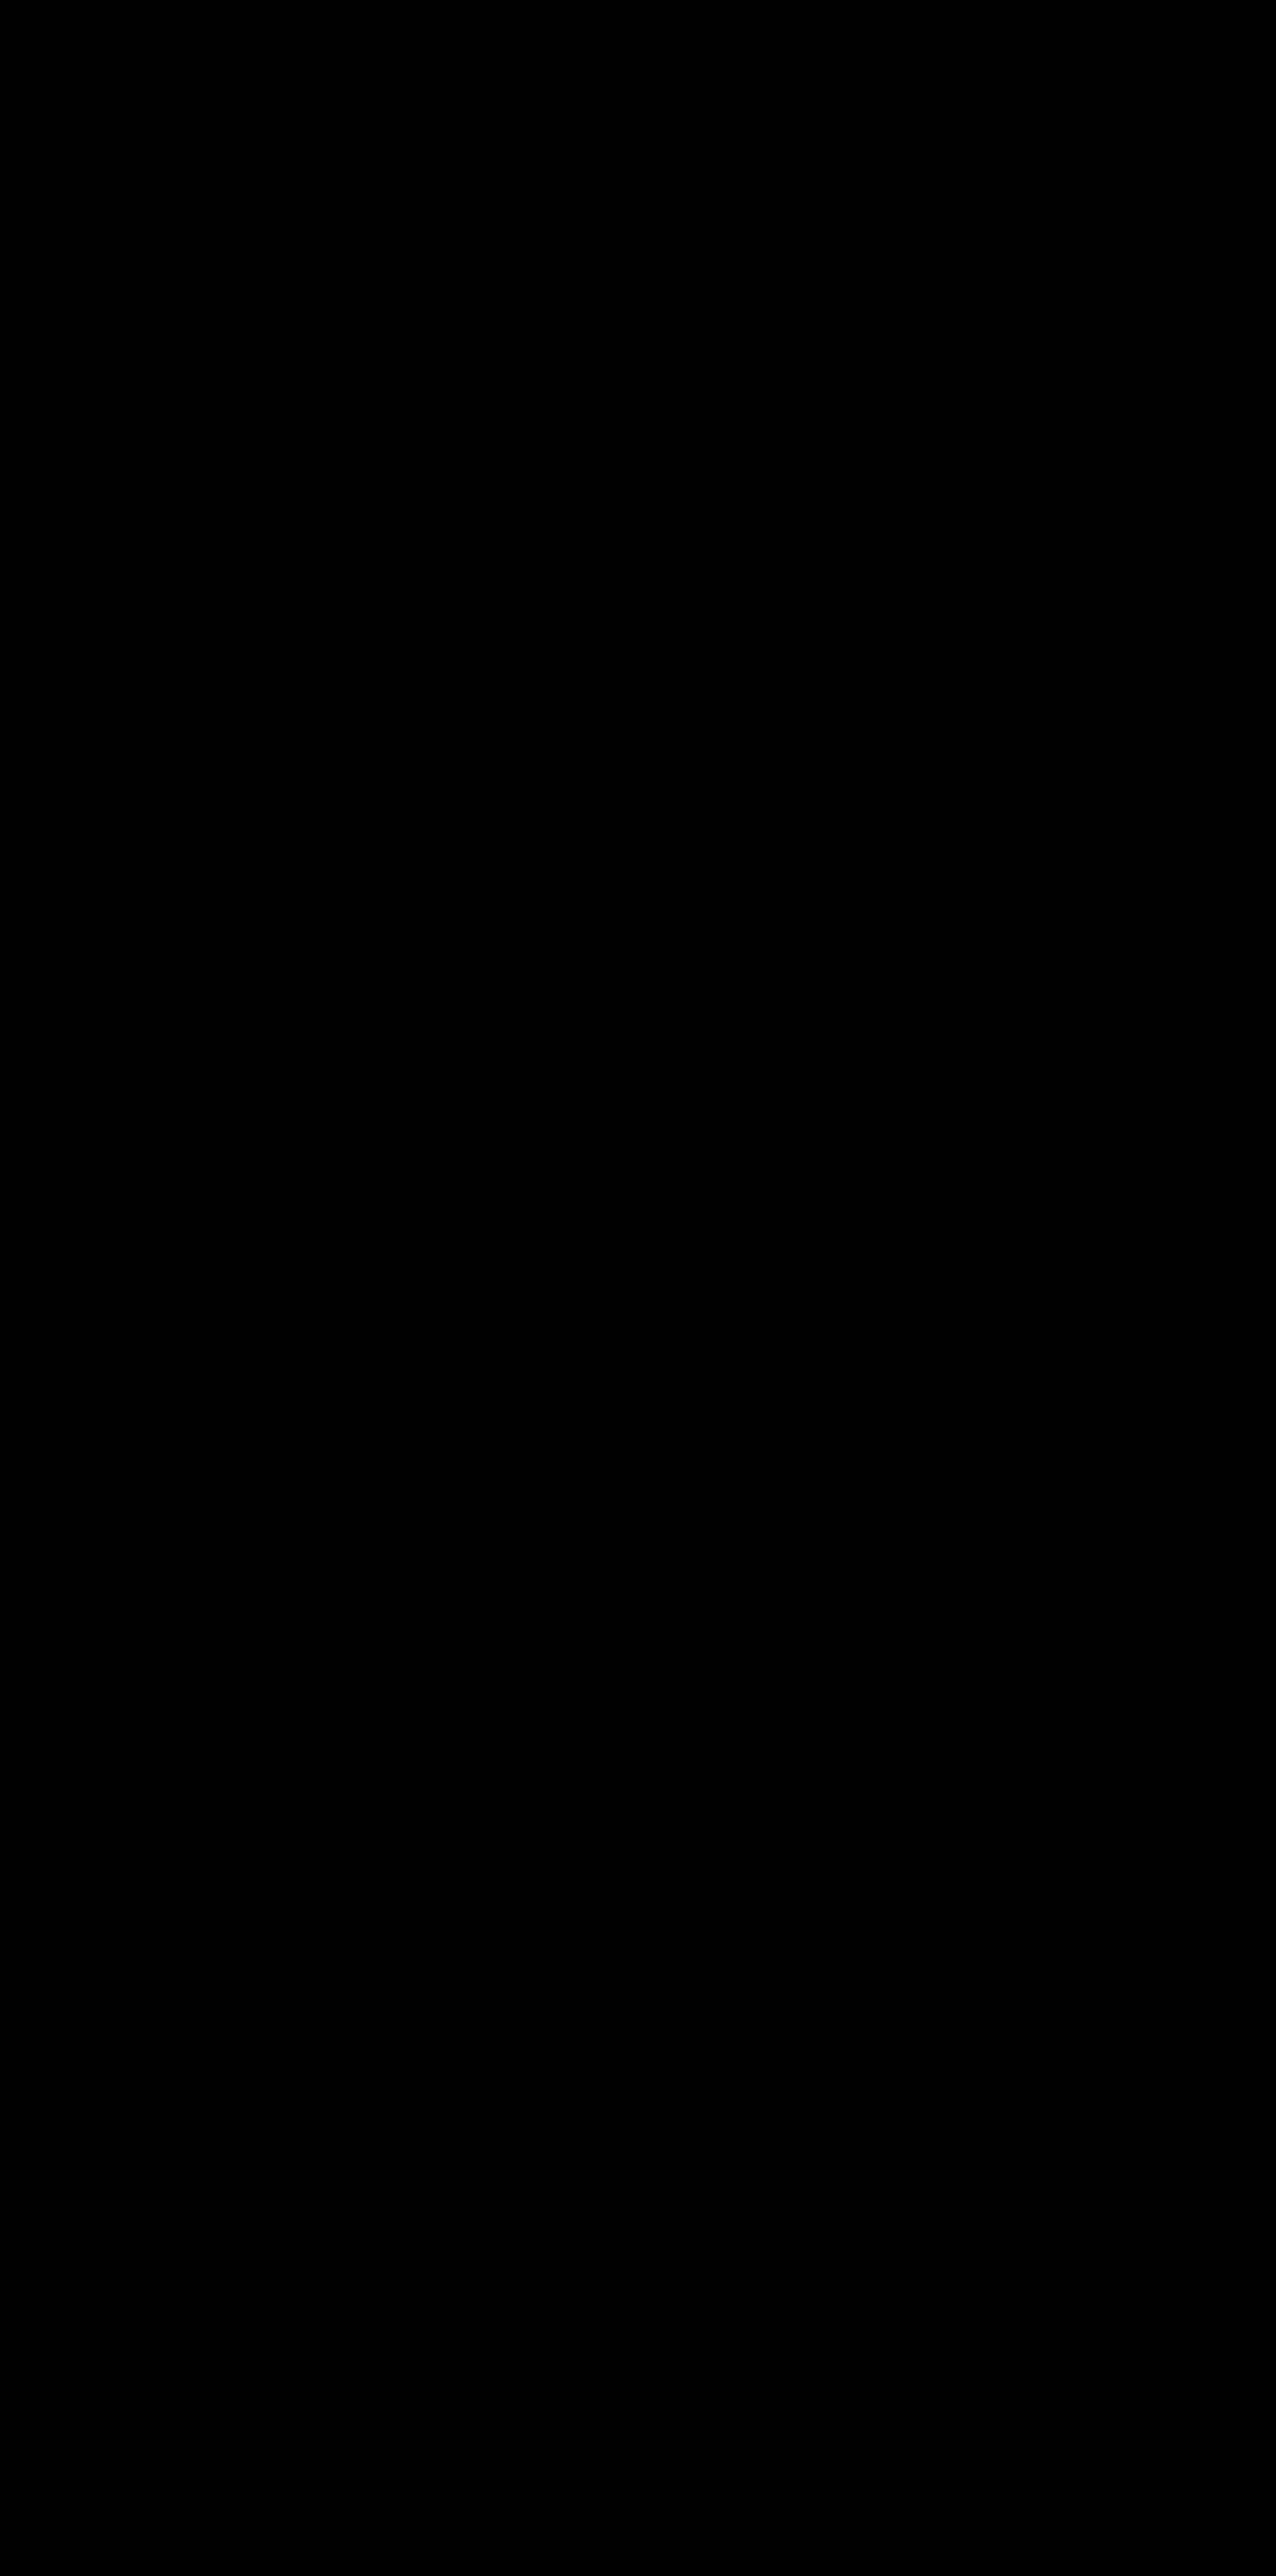 نمونه ای از دشت مسطح با صخره های عمودی در ماه